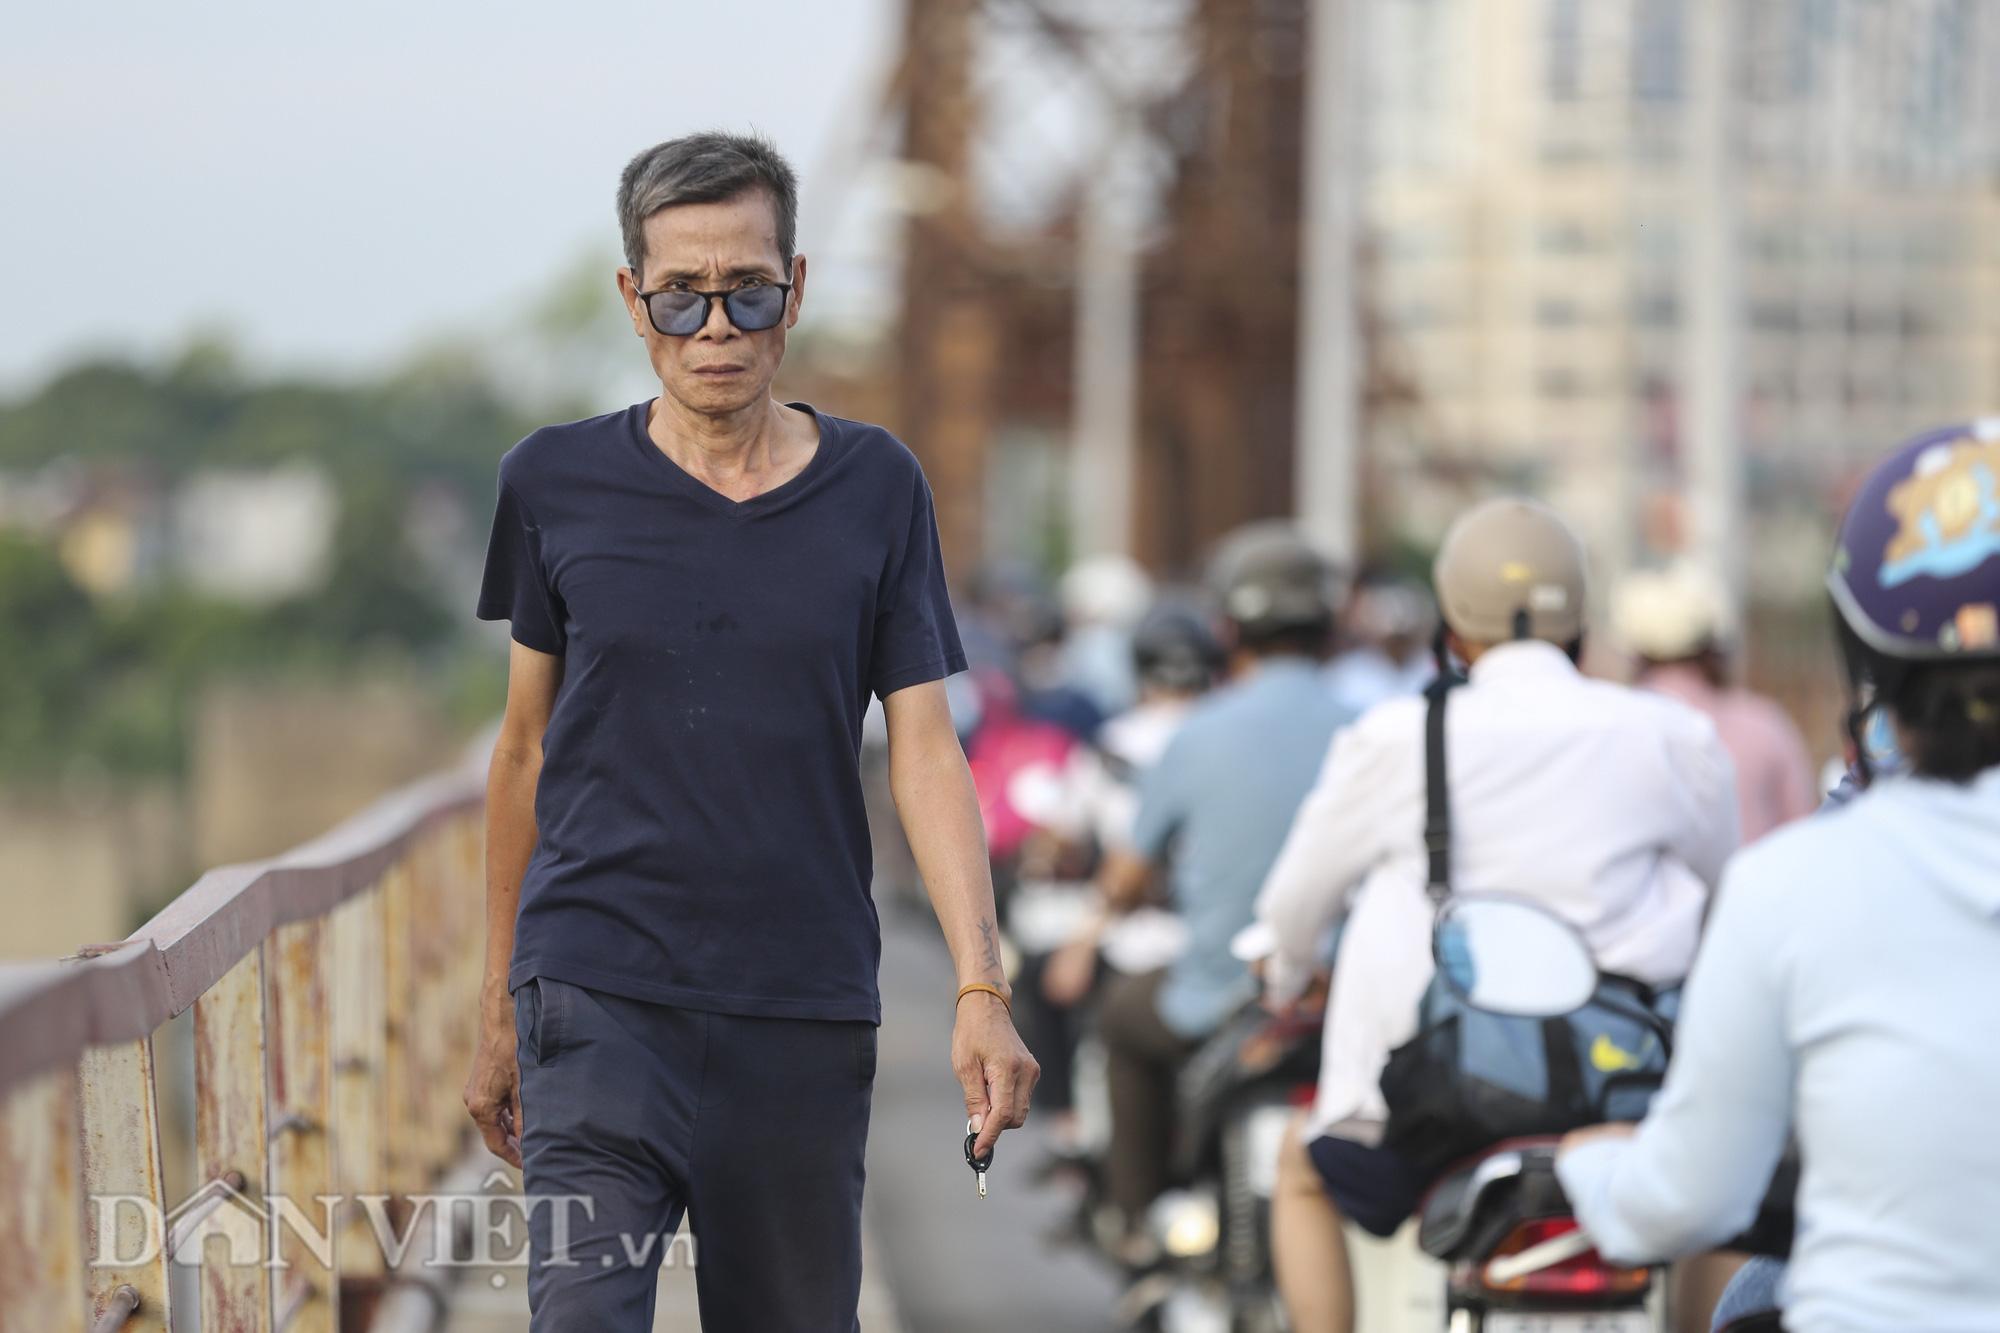 Mặc biển cấm, người dân vẫn vô tư đi bộ trên cầu Long Biên - Ảnh 6.